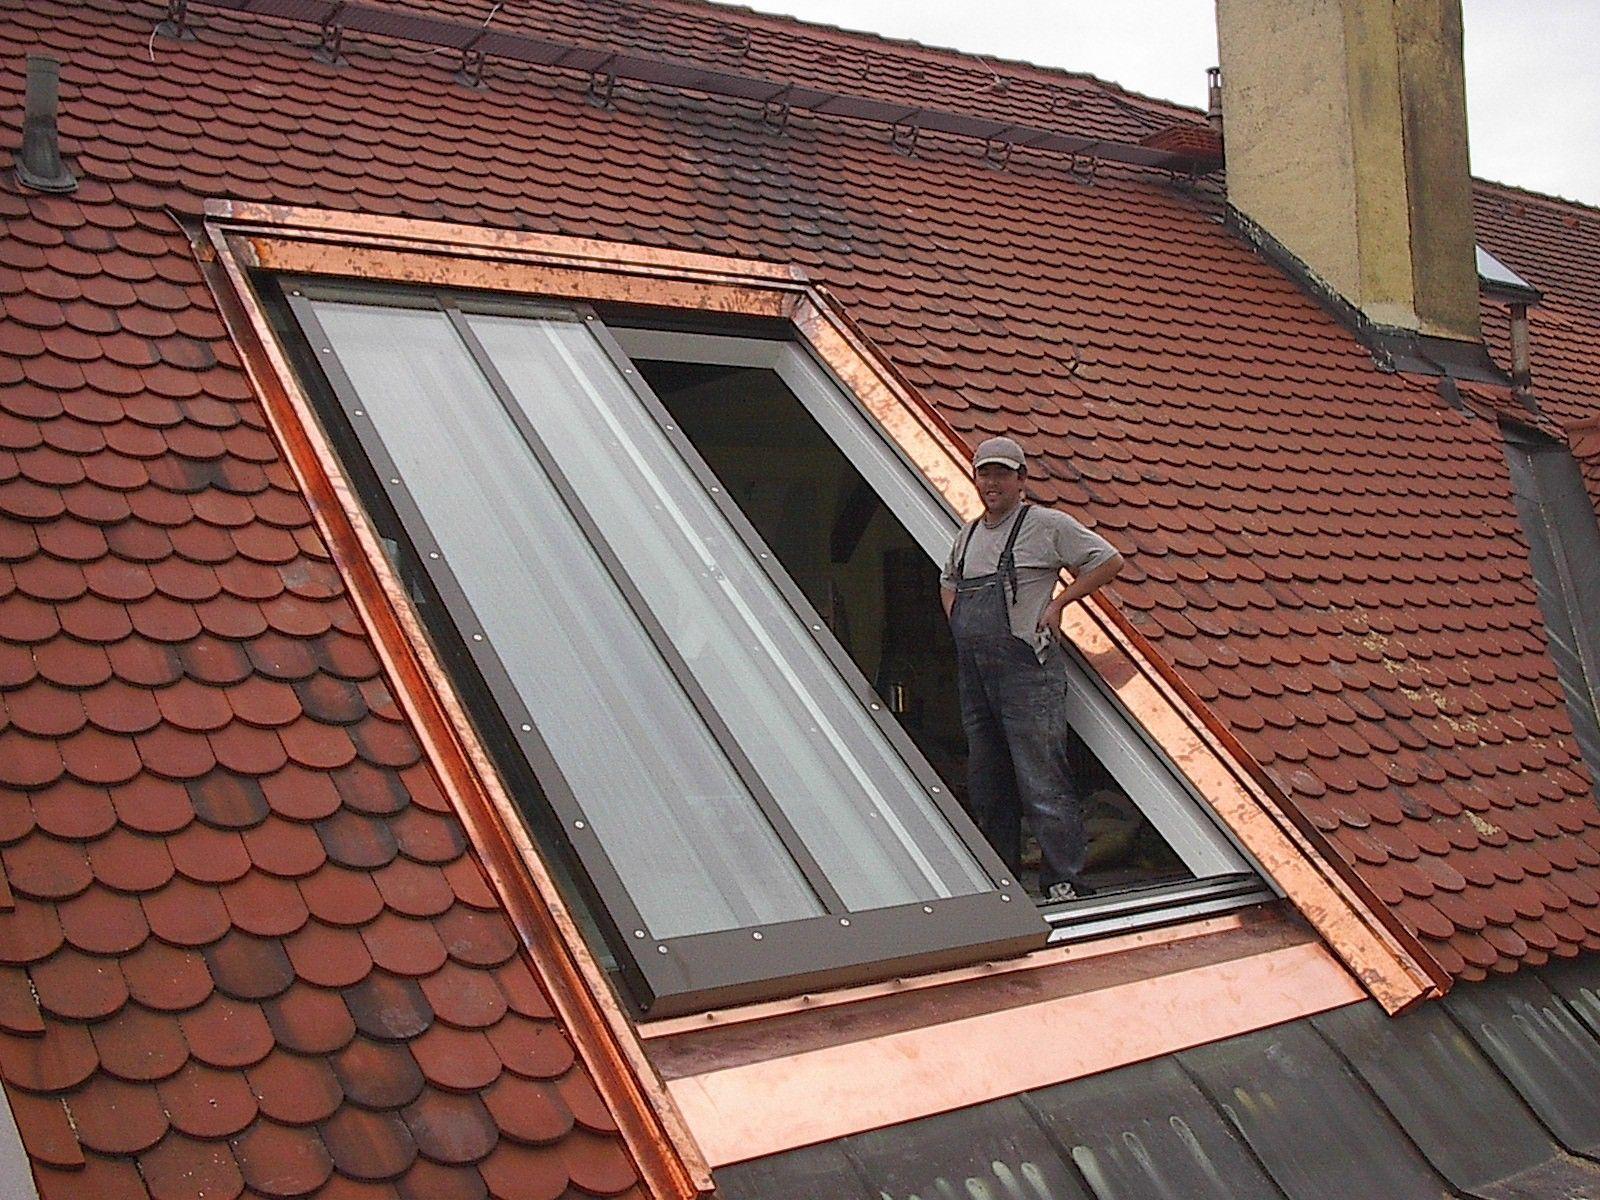 Dachschiebefenster Dachschiebefenster Diyabschnitt Diy Abschnitt Dachschiebefenster Moderne Oberlichter Dach